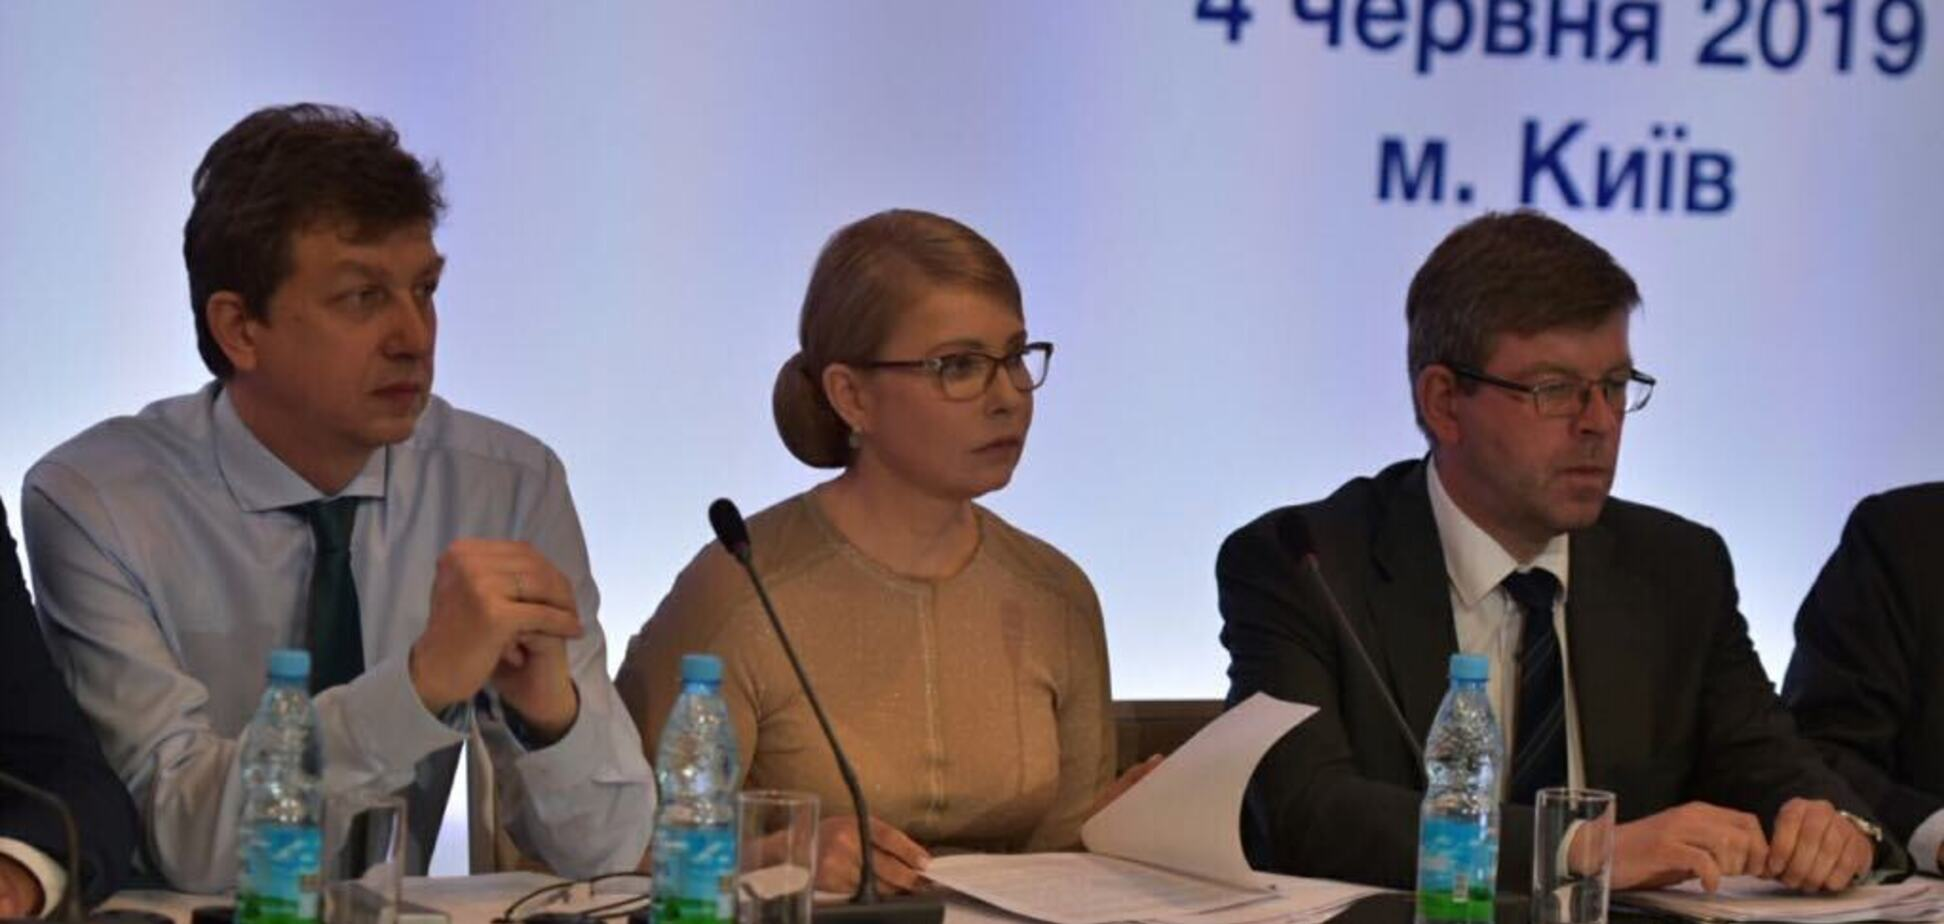 Тимошенко: только системные изменения дадут результат